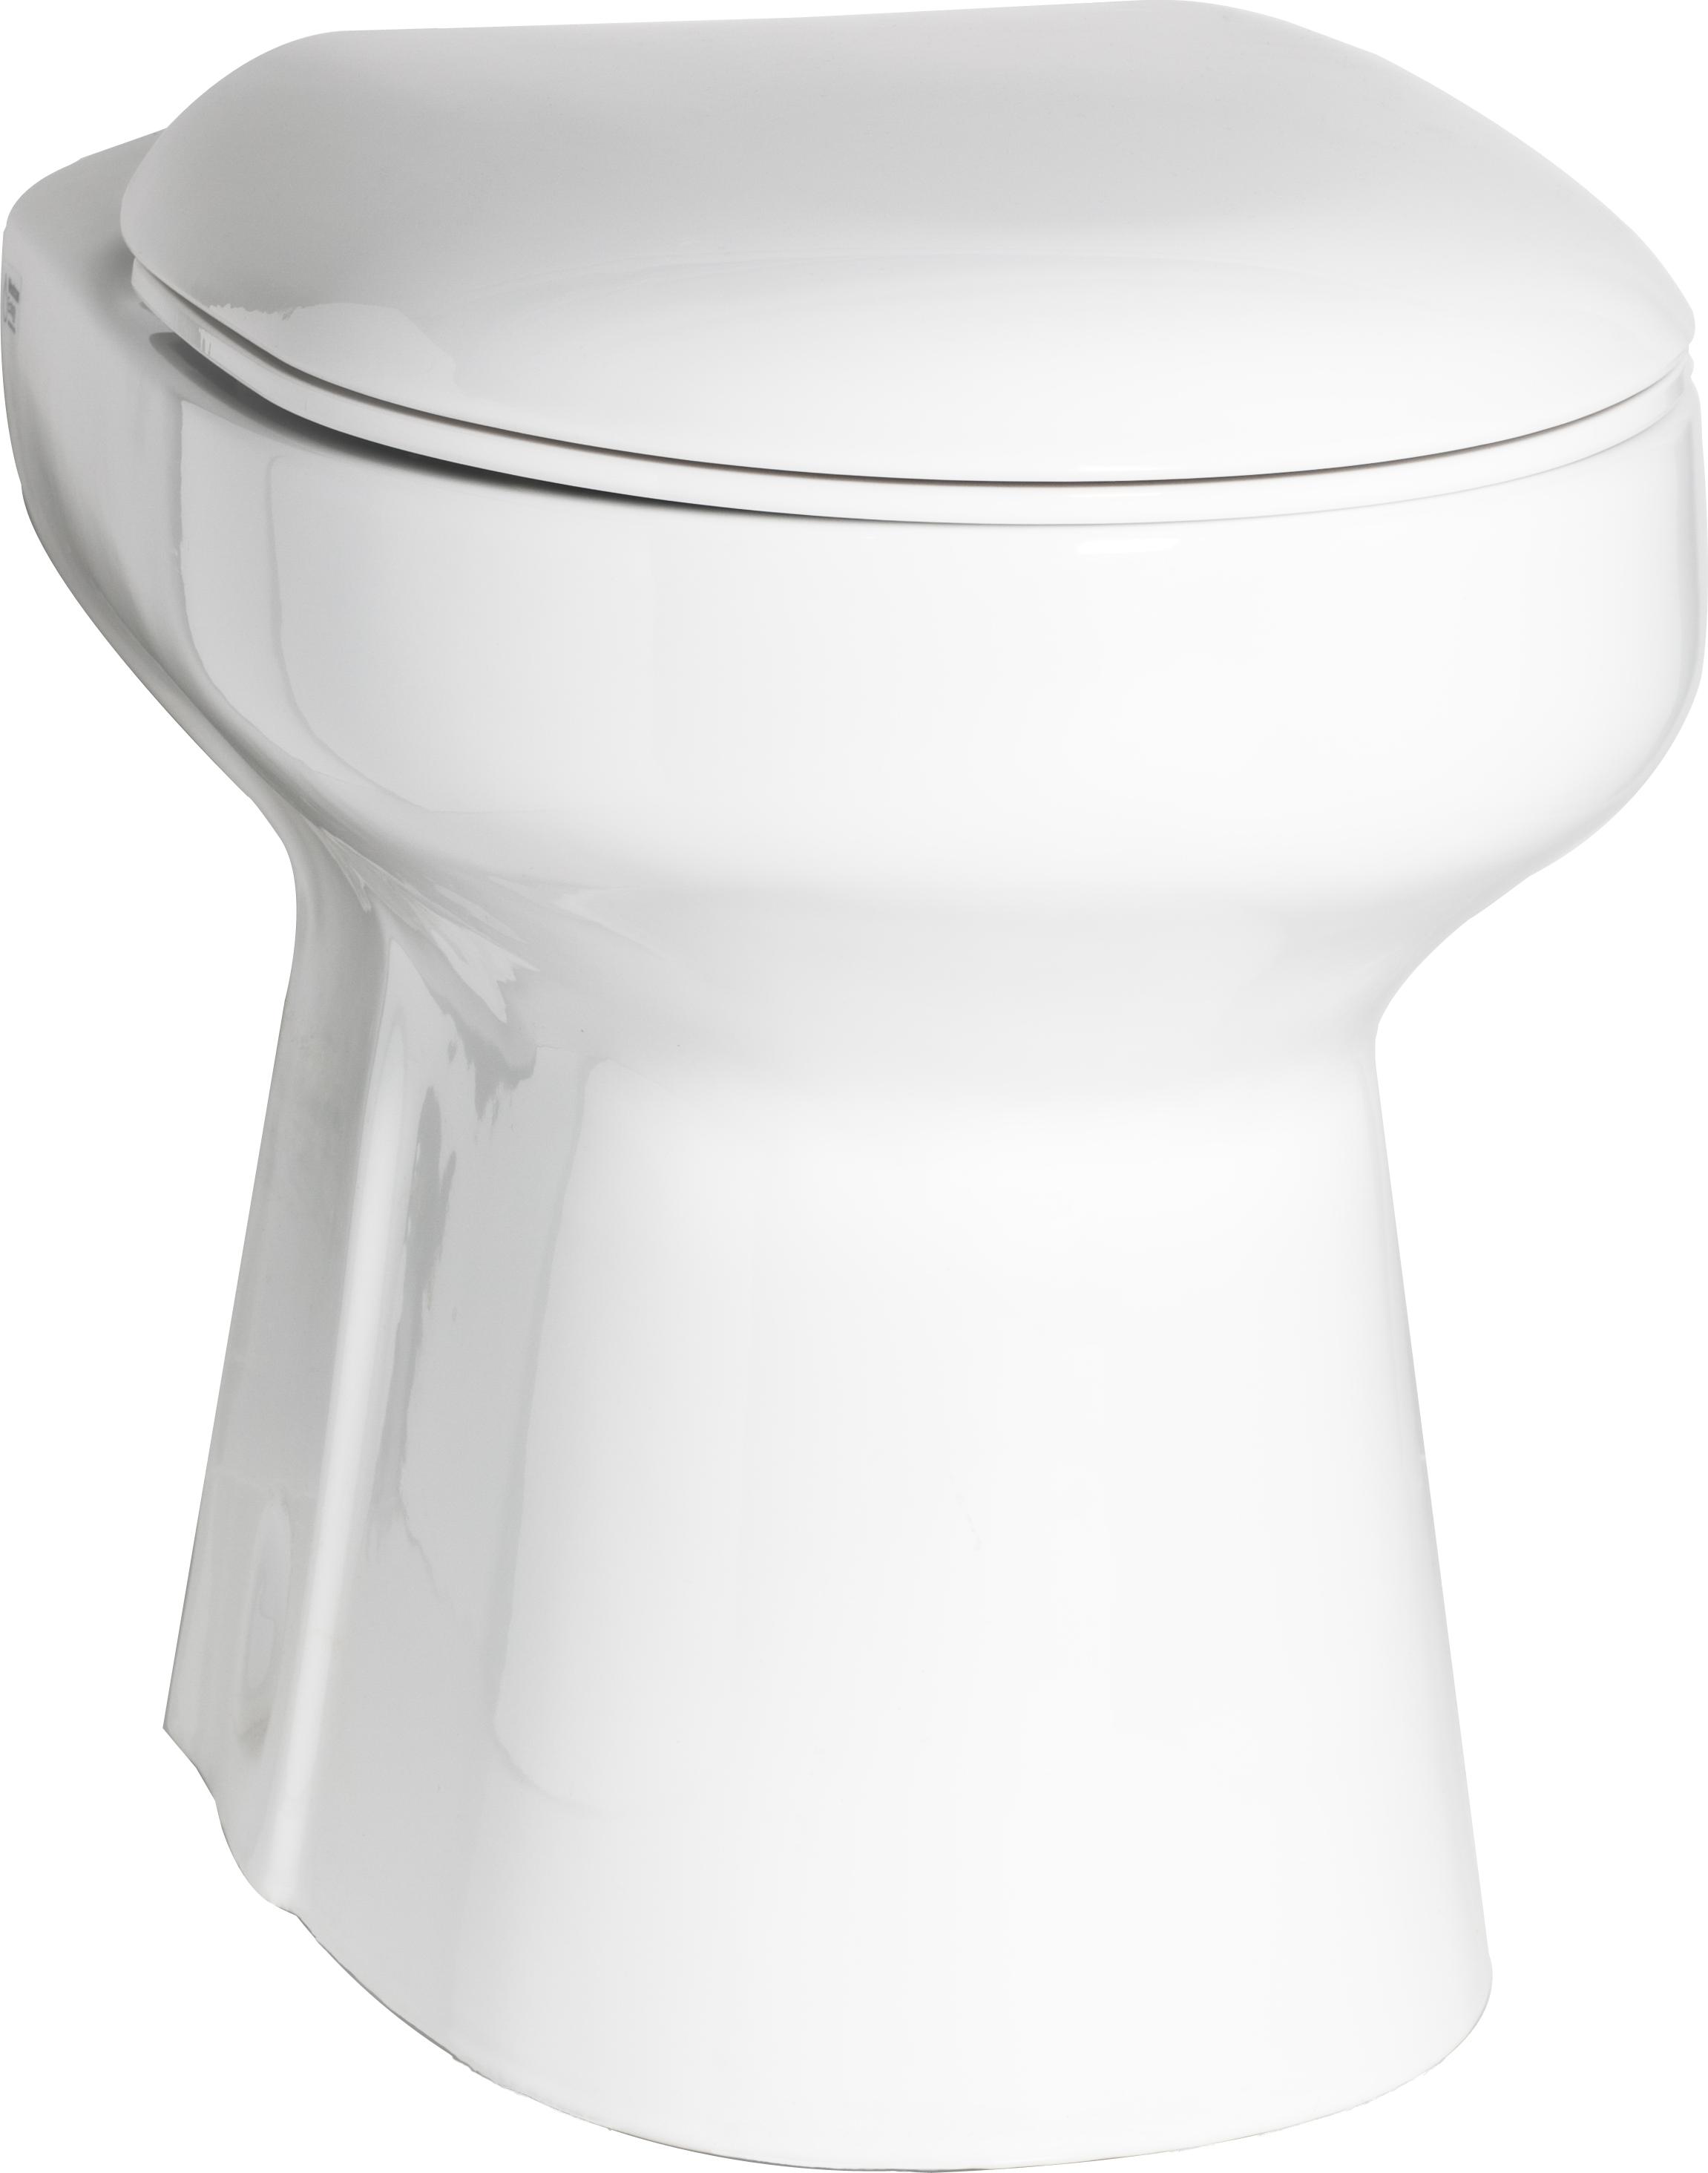 Toalettstol Superdassen porselen MC LEA